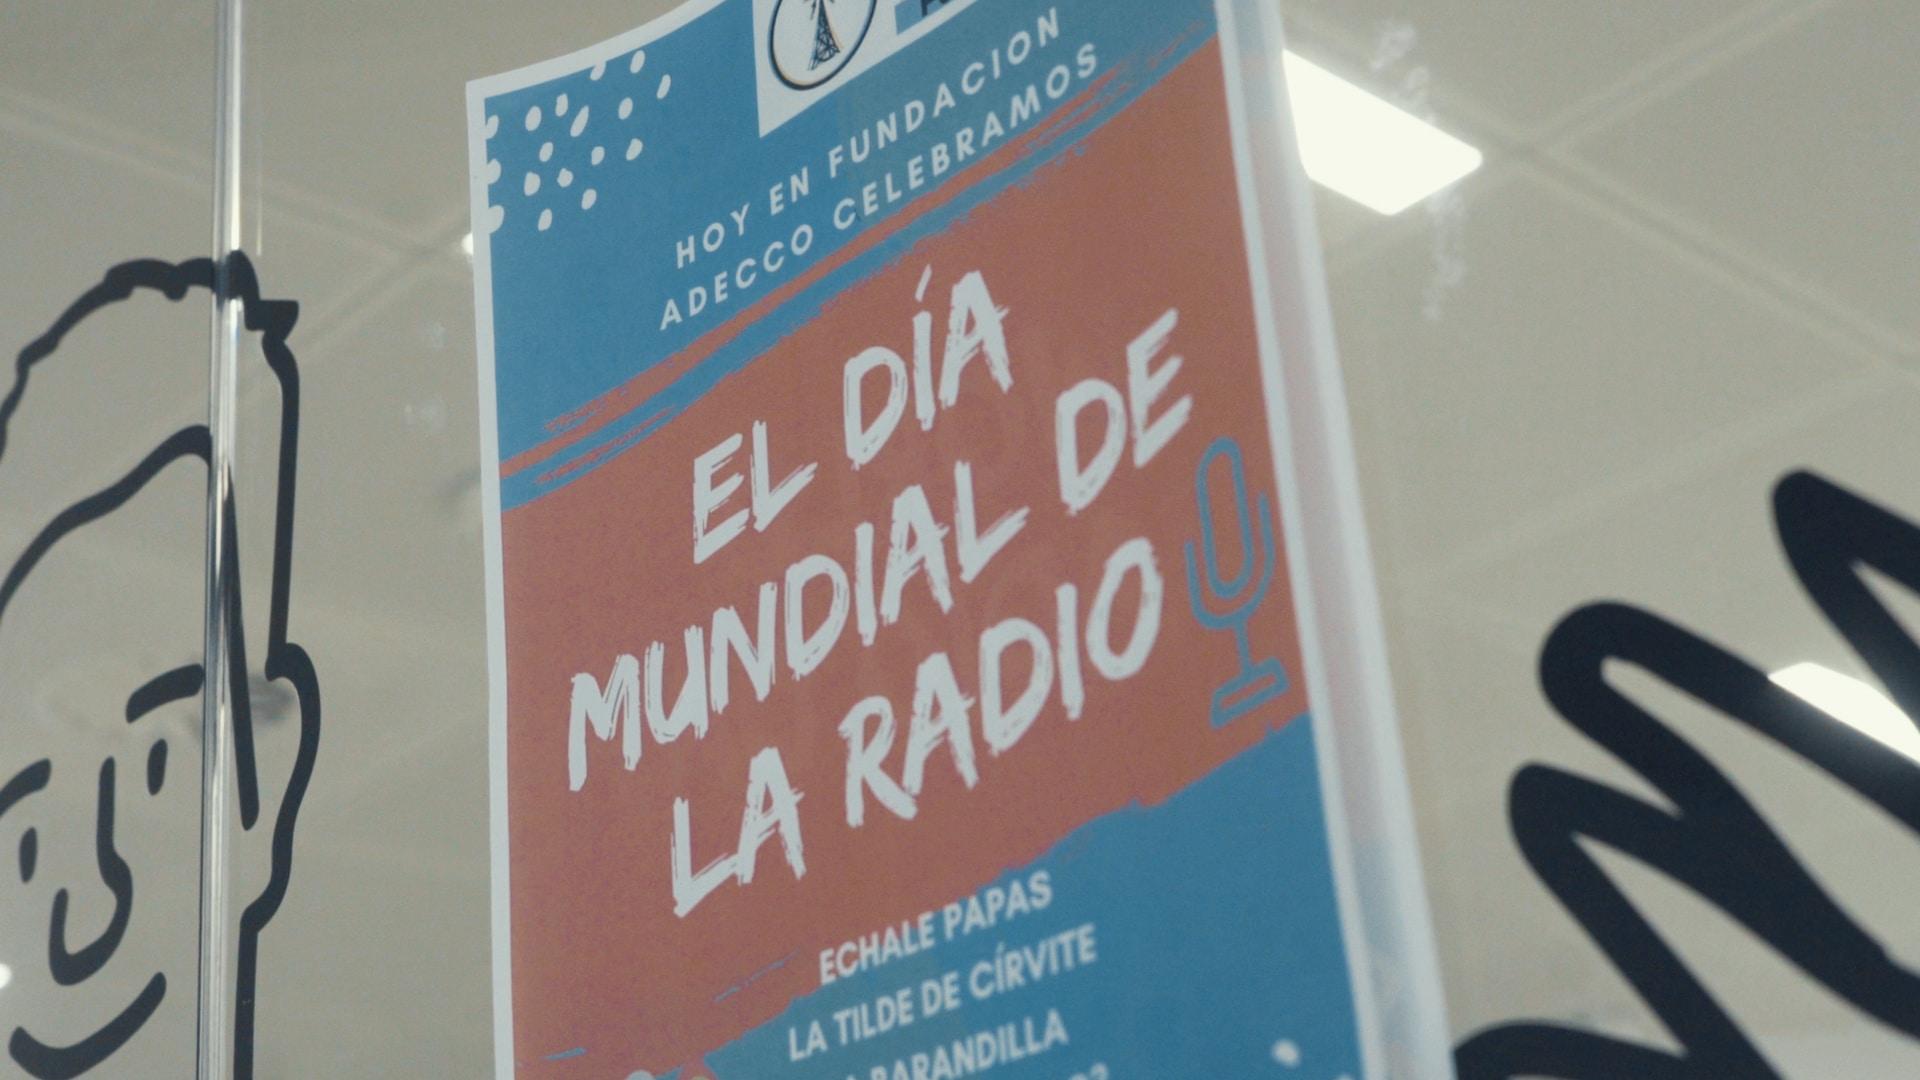 Día Mundial de la Radio 2019 - Fundación Adecco